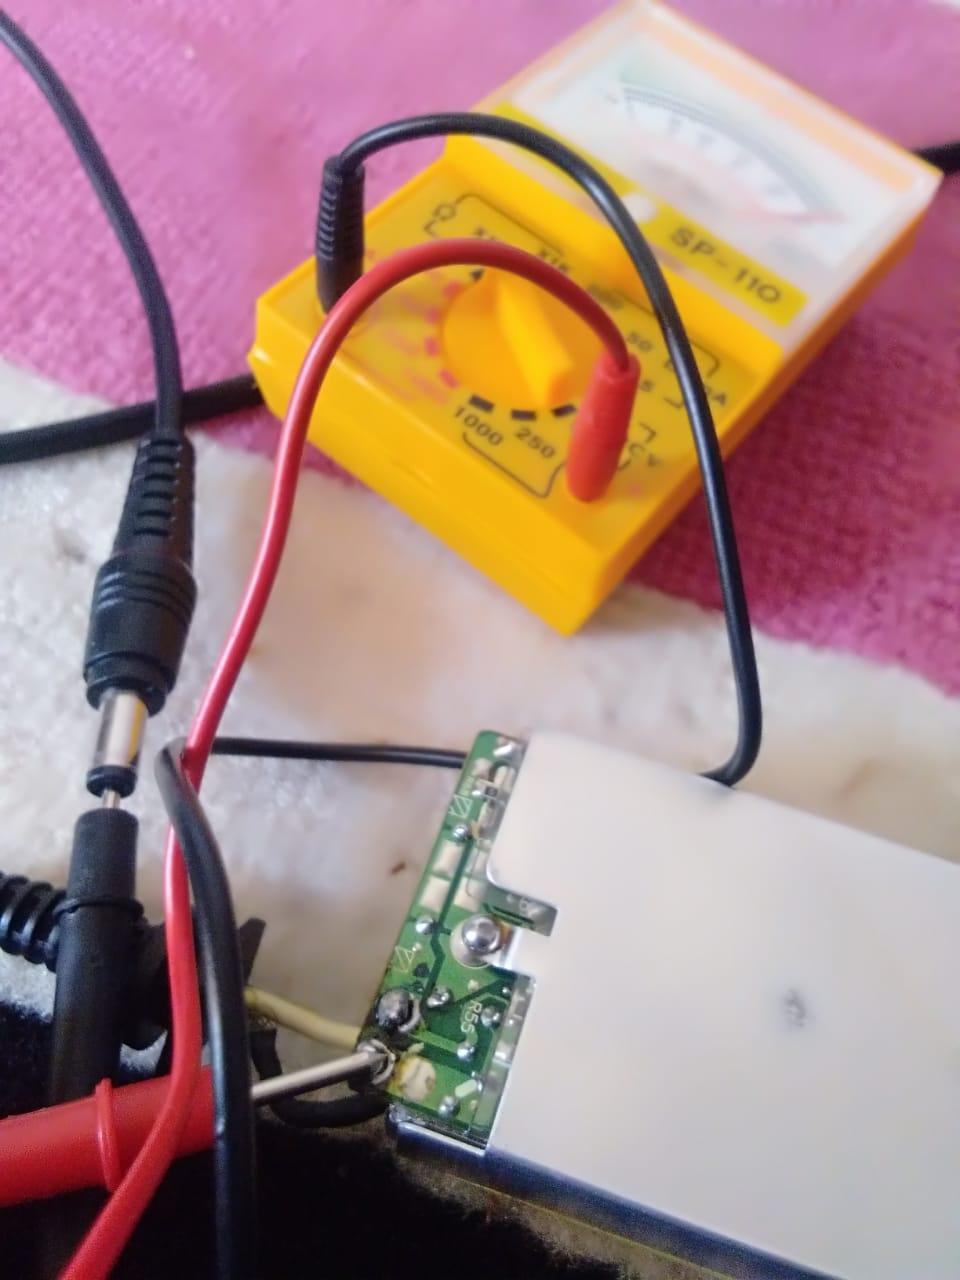 Perbaiki Charger Laptop Mati Suri Bisa Hidup Kembali Setelah Ganti 1